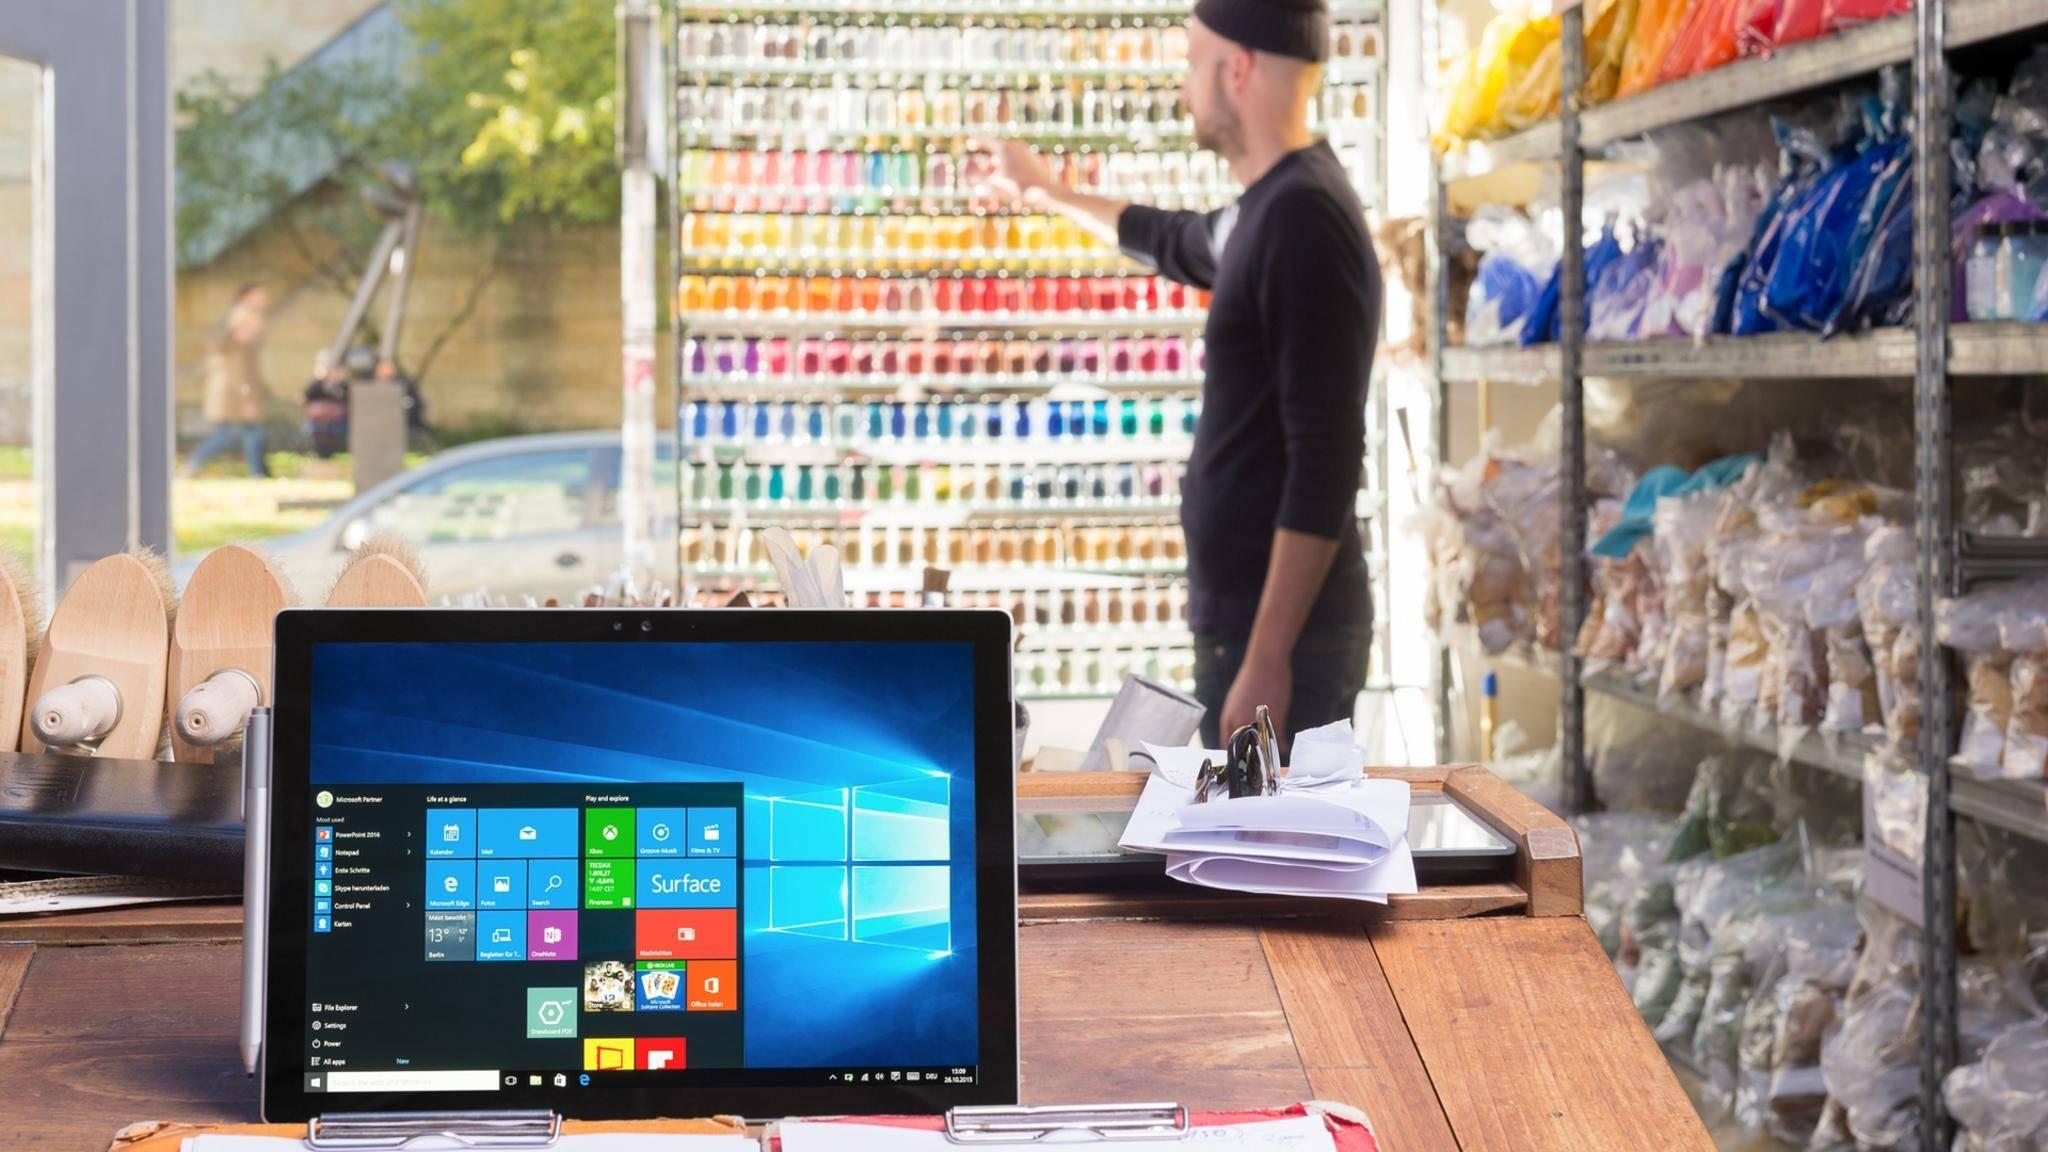 Mehr Kontrolle im Tablet-Modus dank einem versteckten Datei-Explorer in Windows 10.